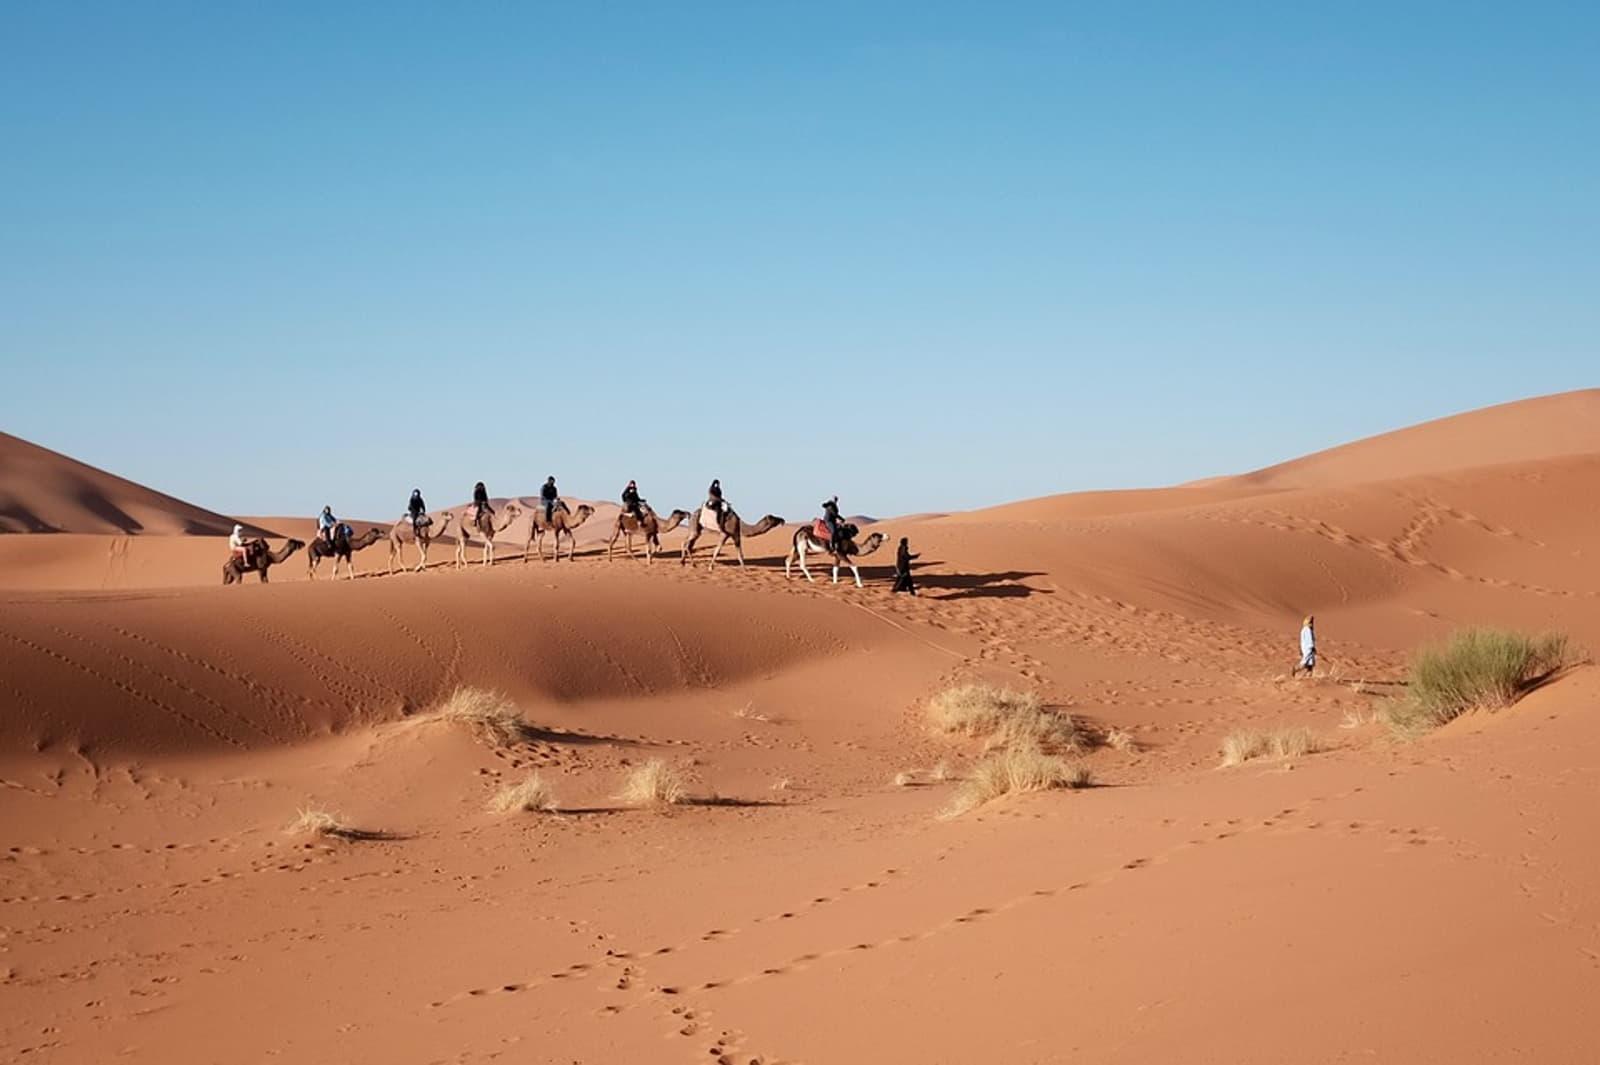 Προορισμοί για ζευγάρια Αίγυπτος βόλτα με καμήλες